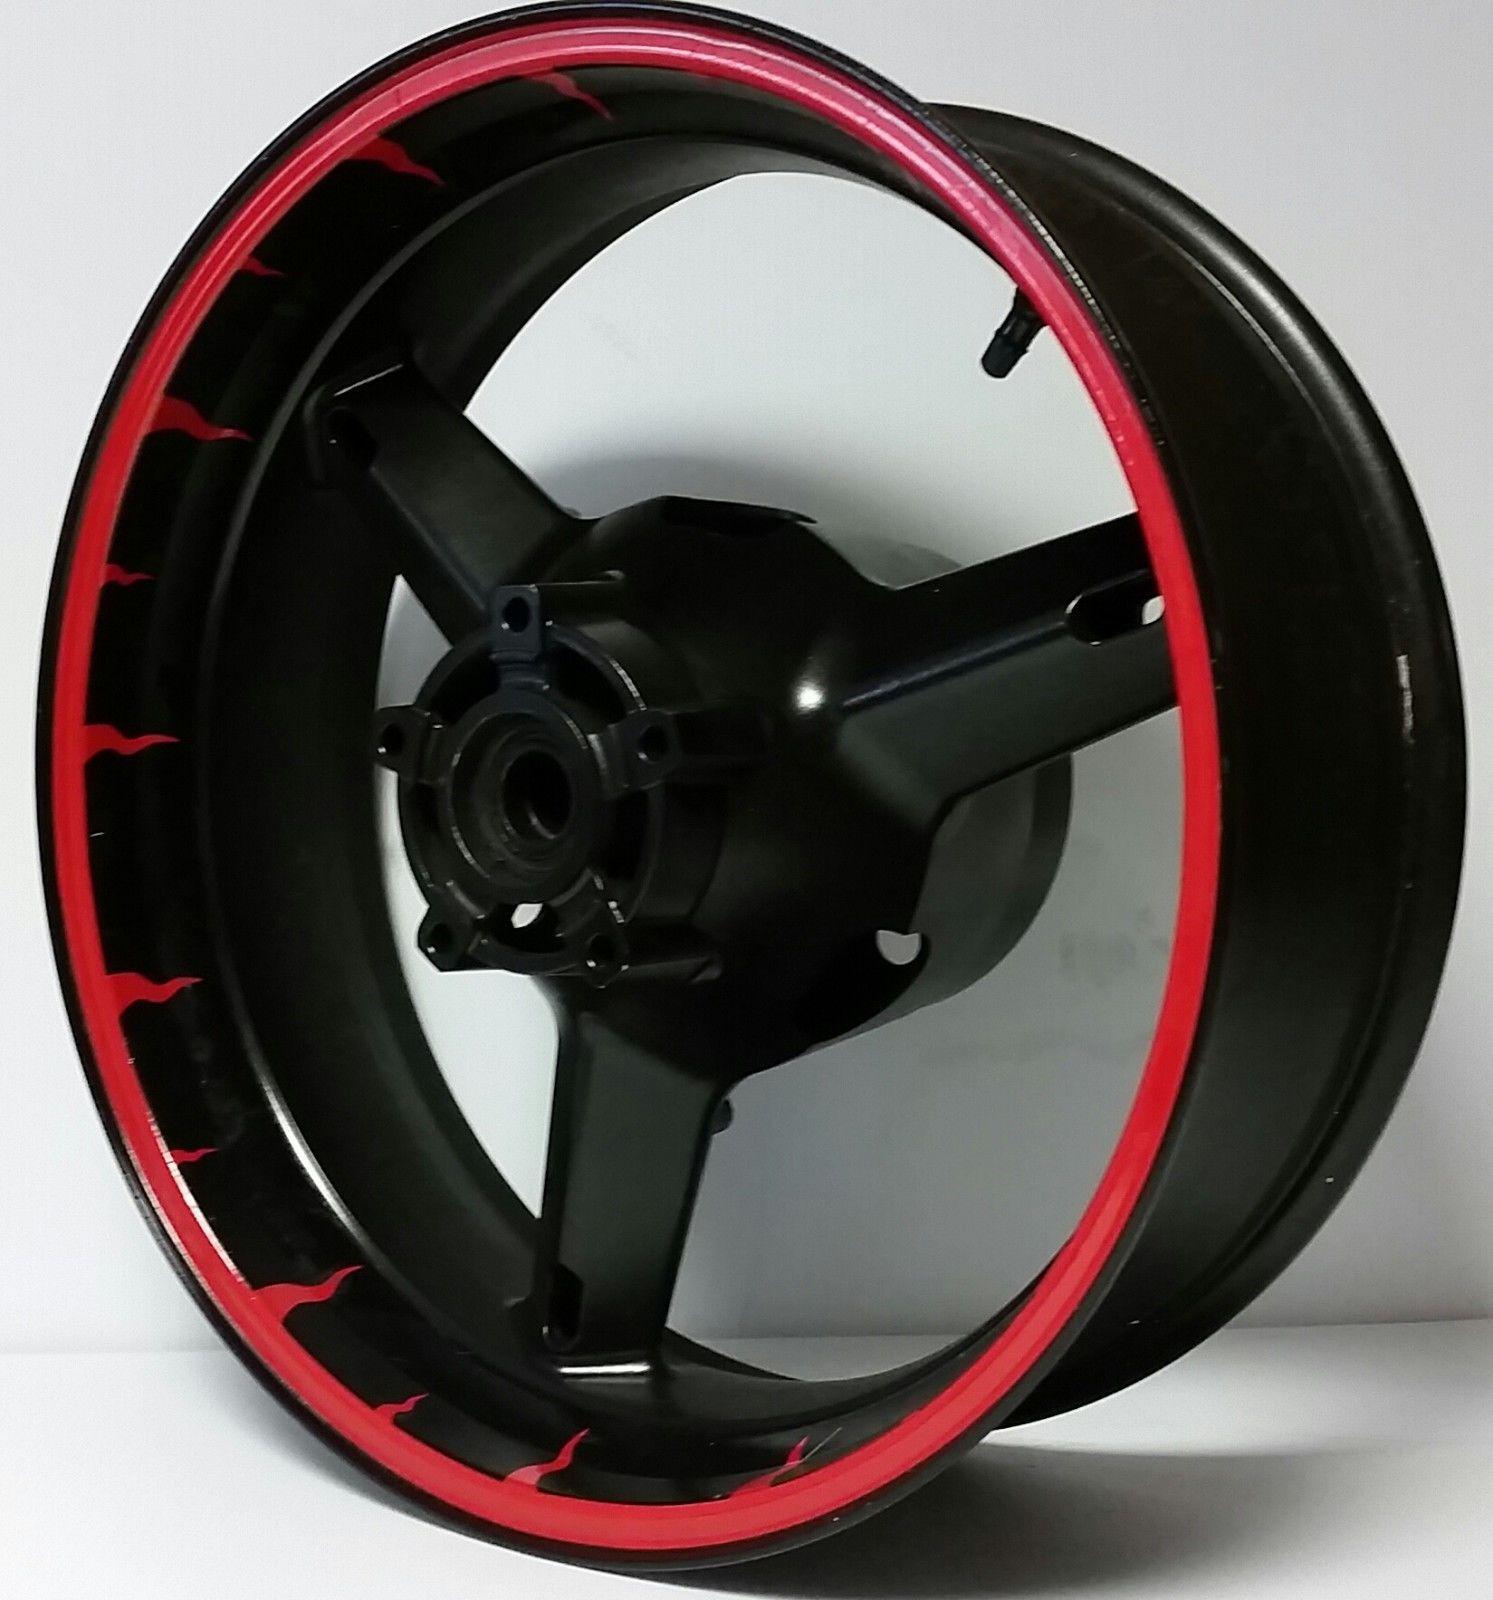 Custom rim stripes wheel decals stickers tape honda cbr 1000rr f2 f3 f4i 600 cb